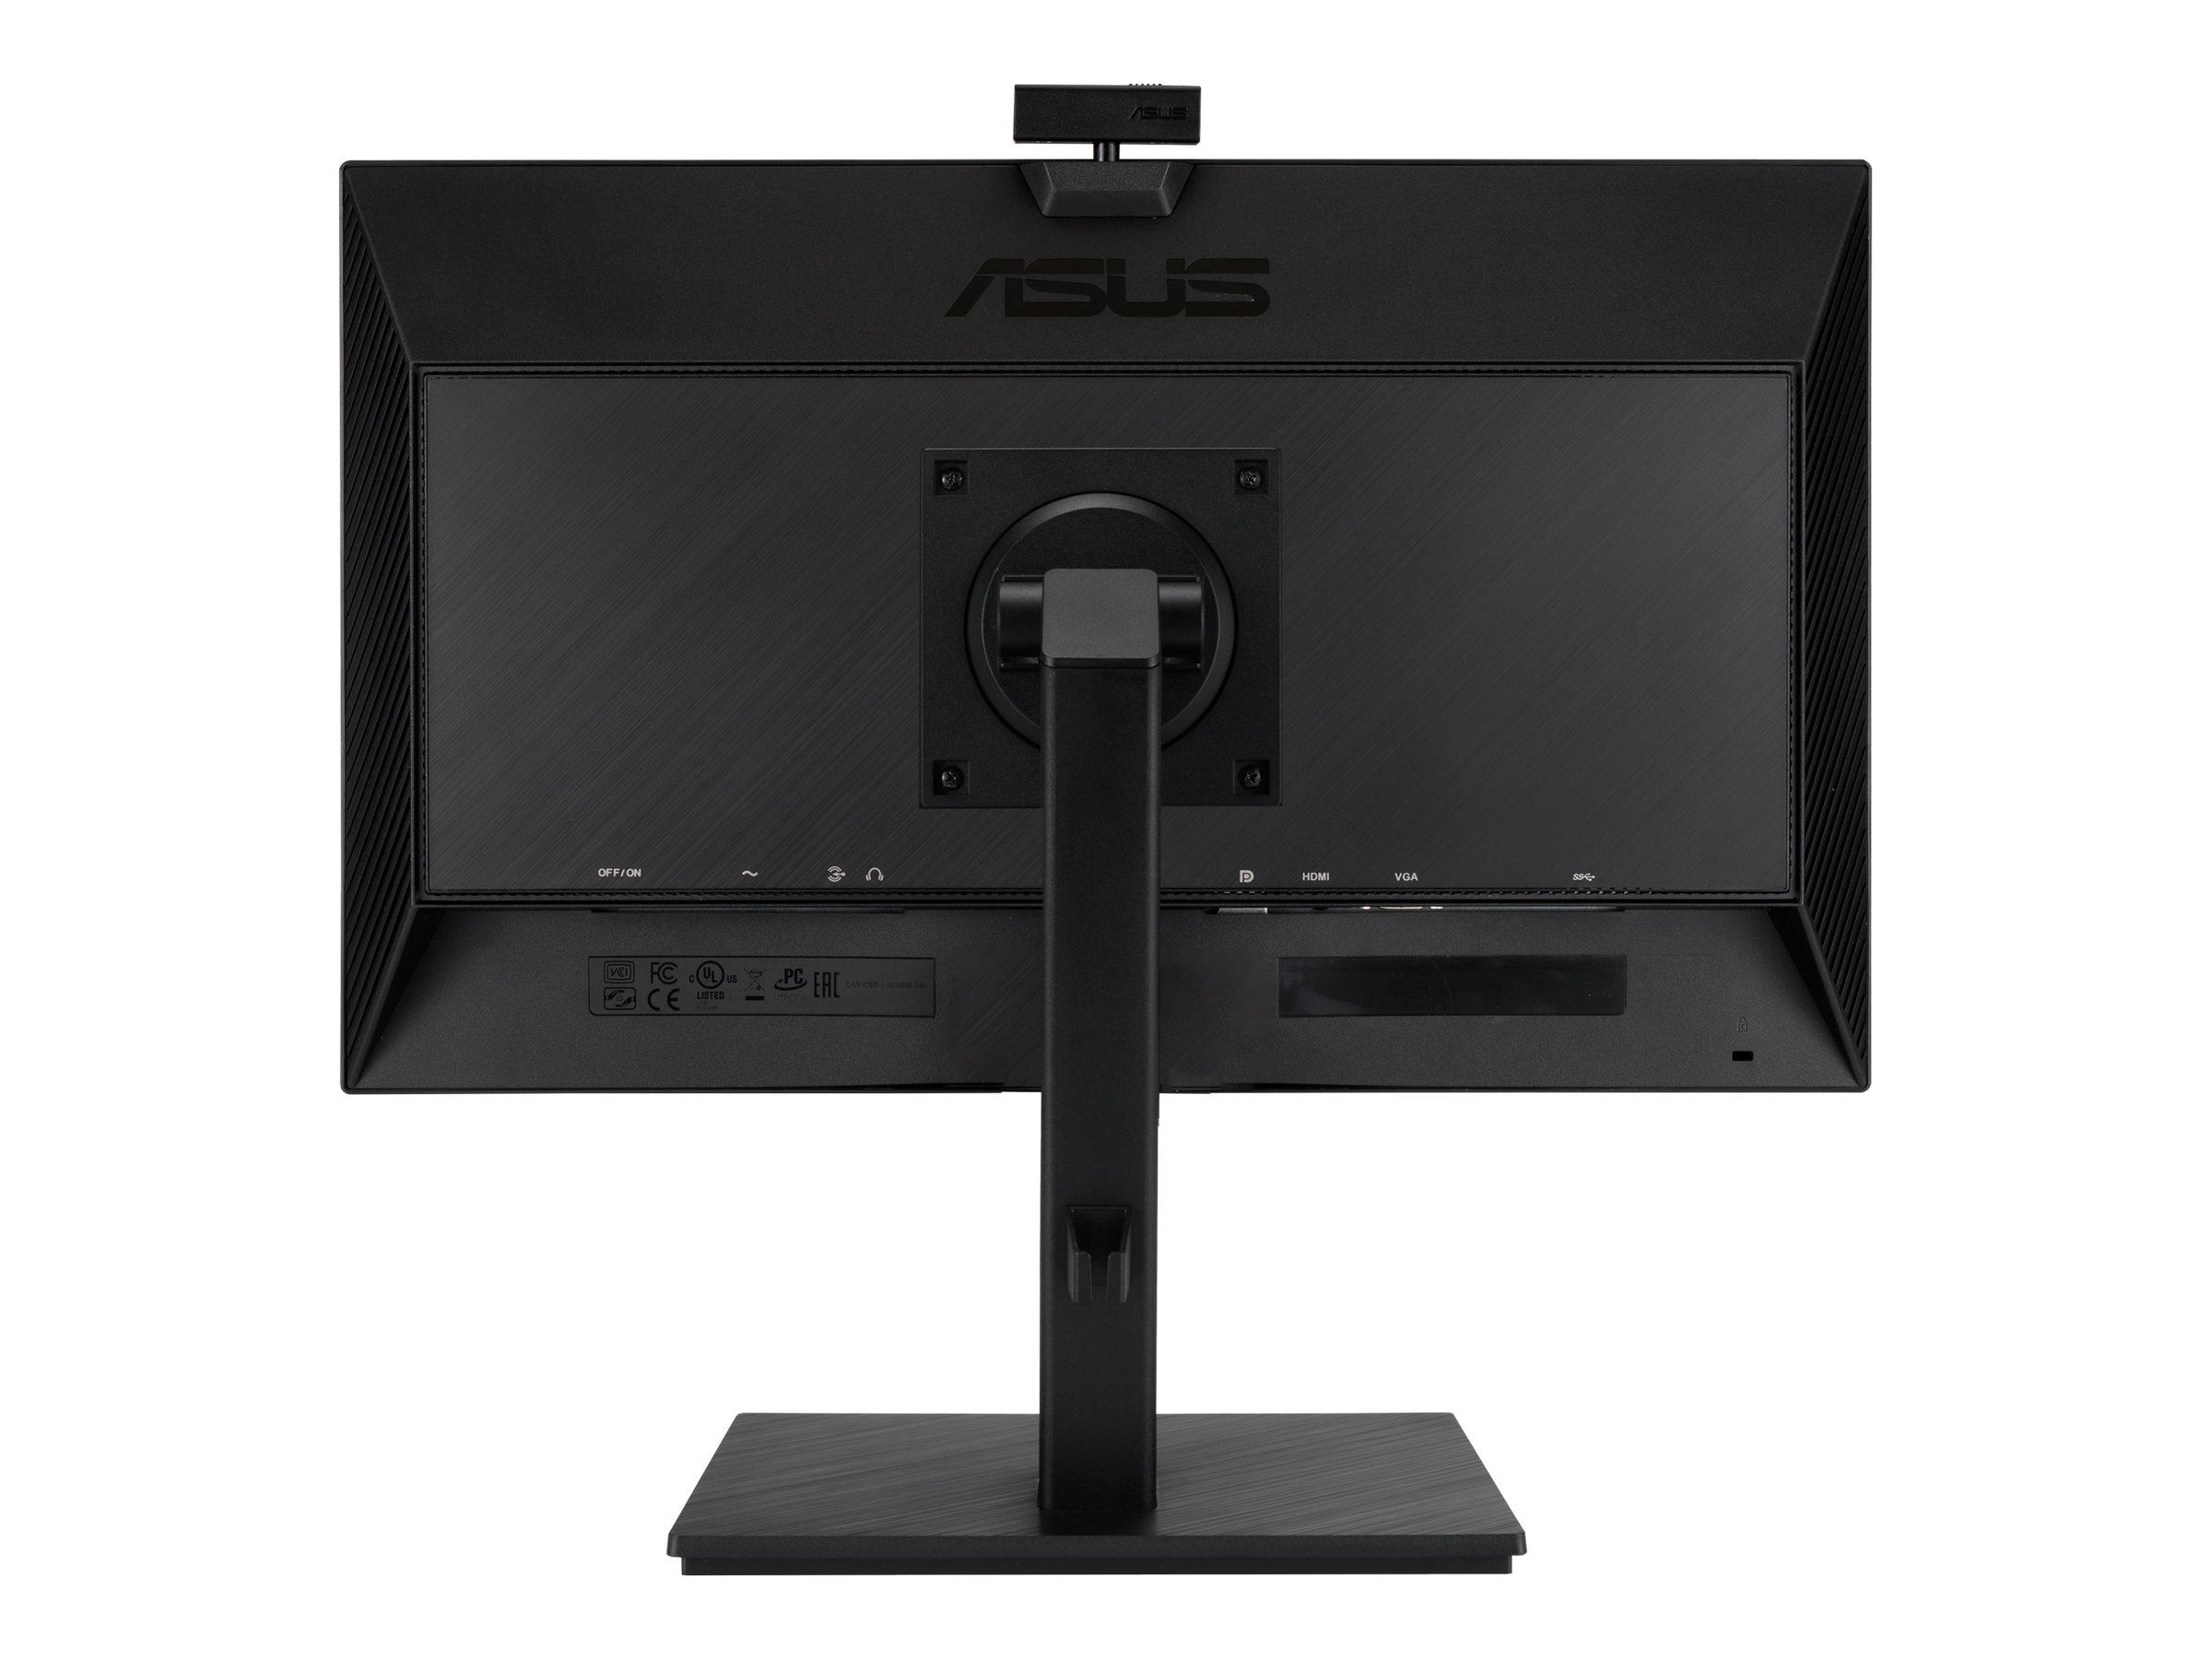 """ASUS BE24EQSK - LED-Monitor - 60.5 cm (23.8"""") - 1920 x 1080 Full HD (1080p)"""